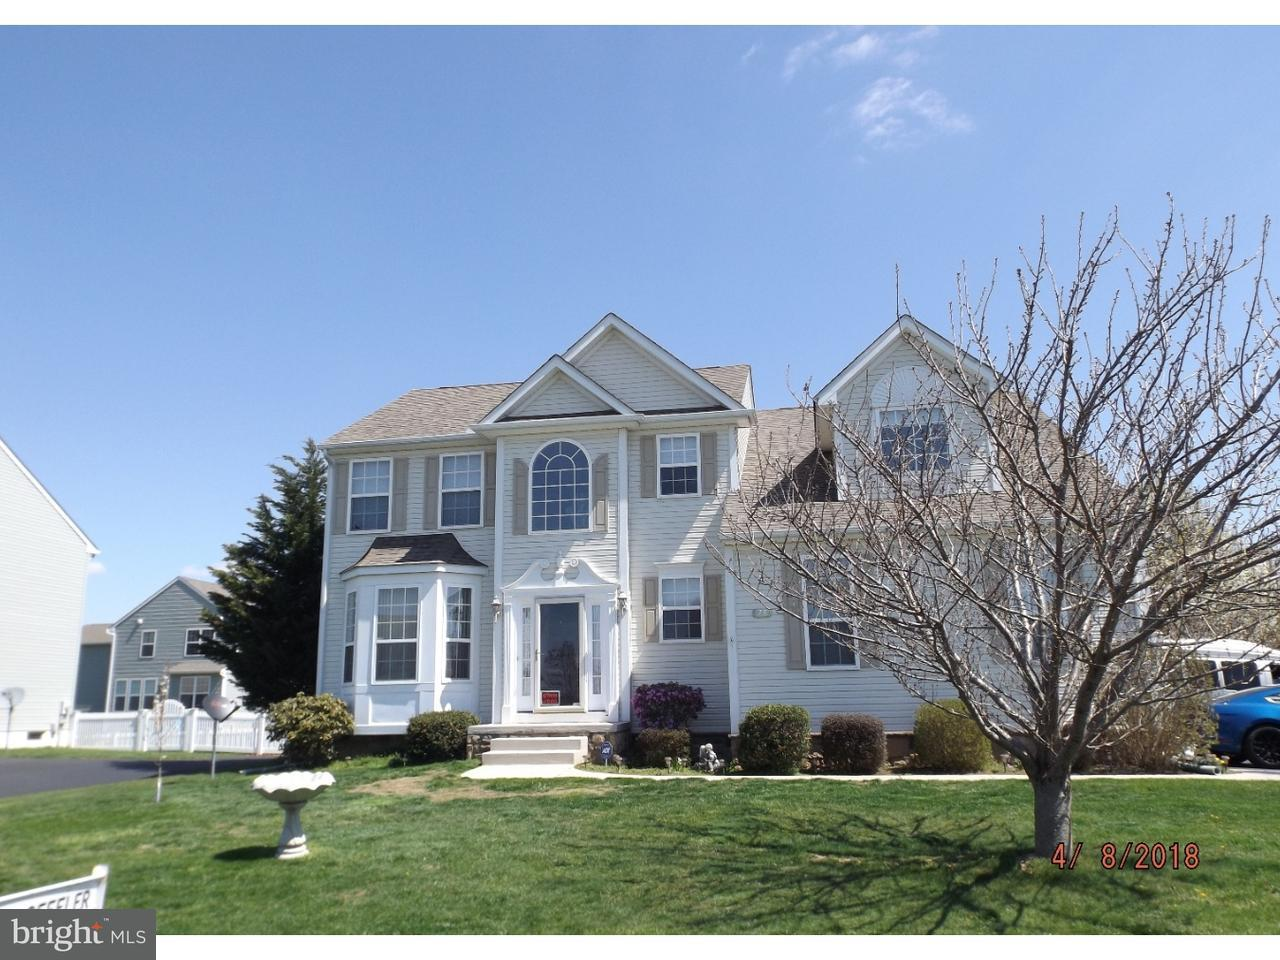 Частный односемейный дом для того Продажа на 75 BELFRY Drive Felton, Делавэр 19943 Соединенные Штаты